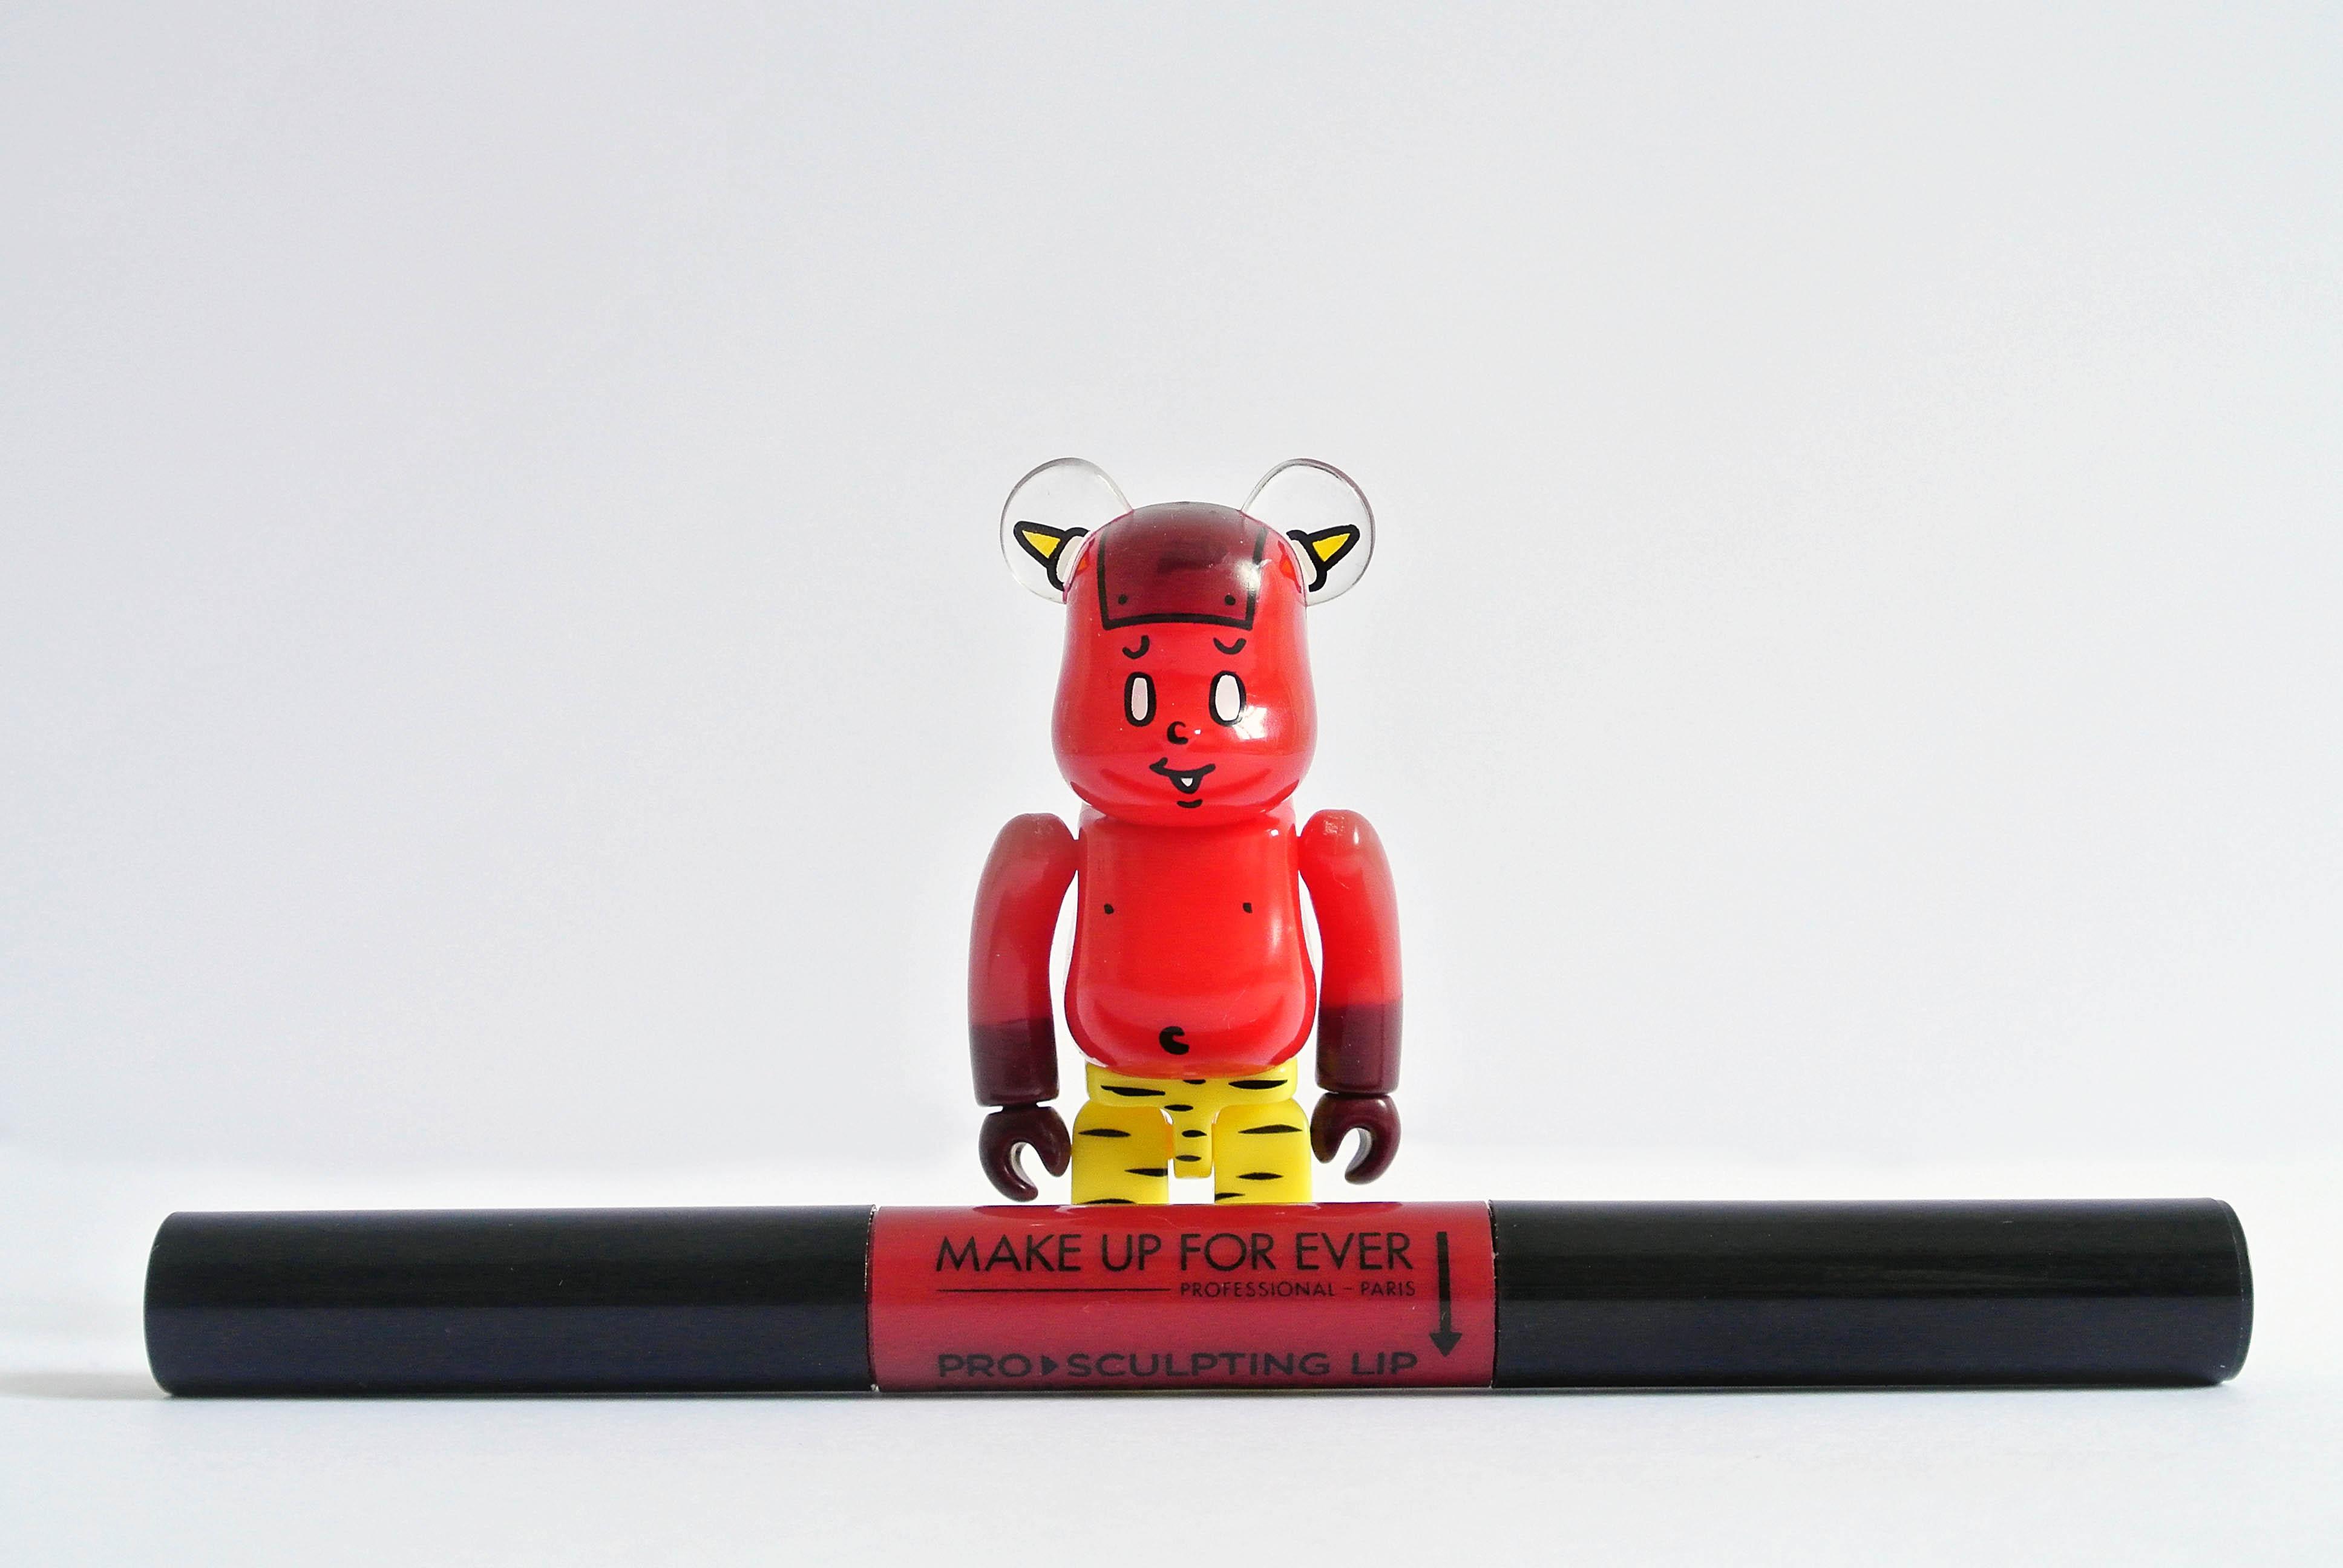 JANIS-EN-SUCRE-MUFE-Pro-sculpting-lip-06